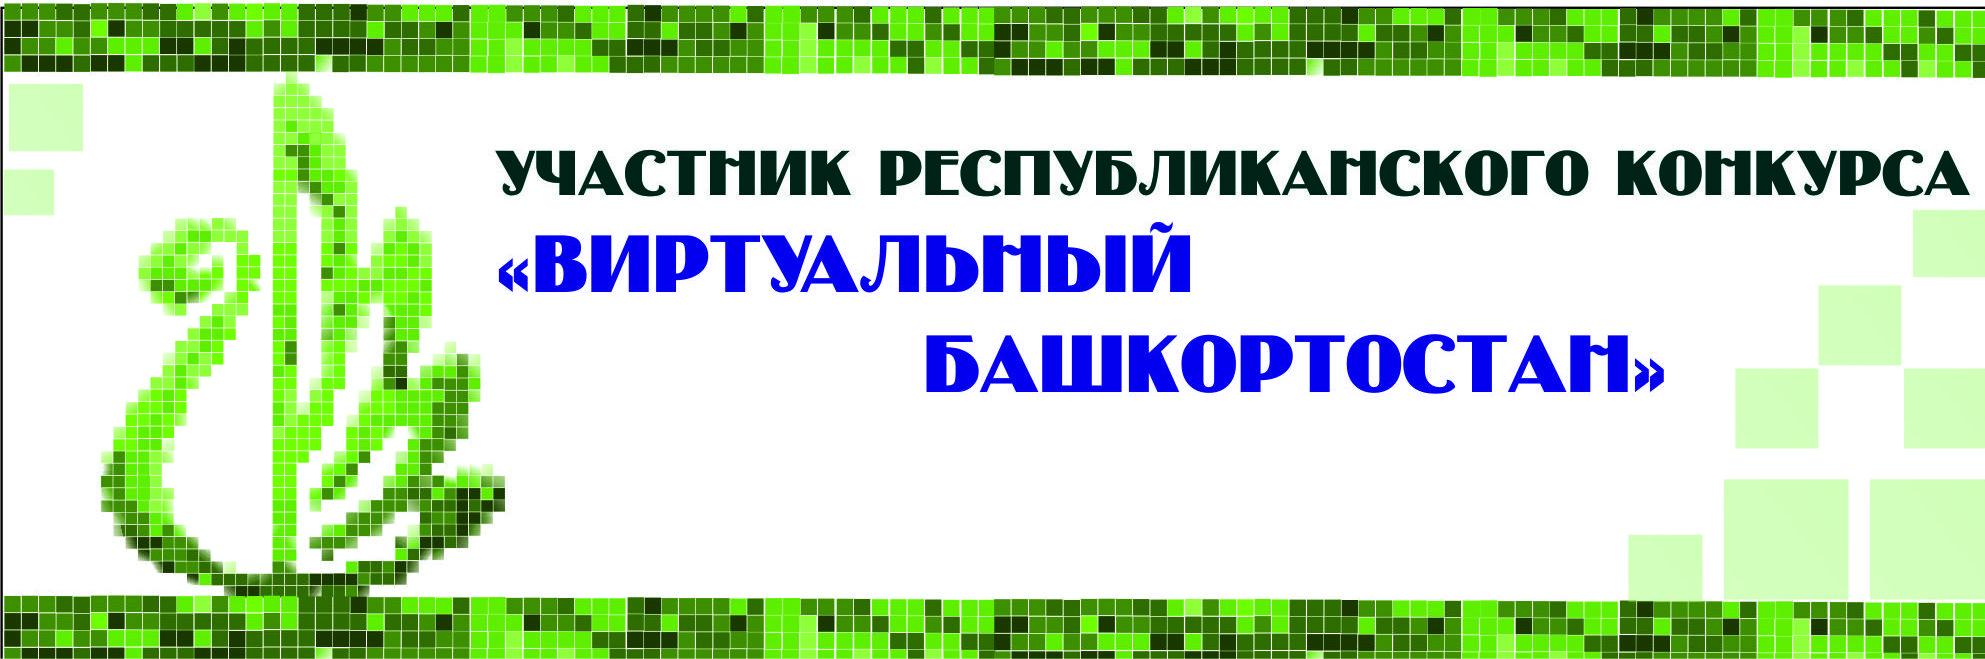 """УЧАСТНИК РЕСПУБЛИКАНСКОГО КОНКУРСА """"ВИРТУАЛЬНЫЙ БАШКОРТОСТАН"""""""